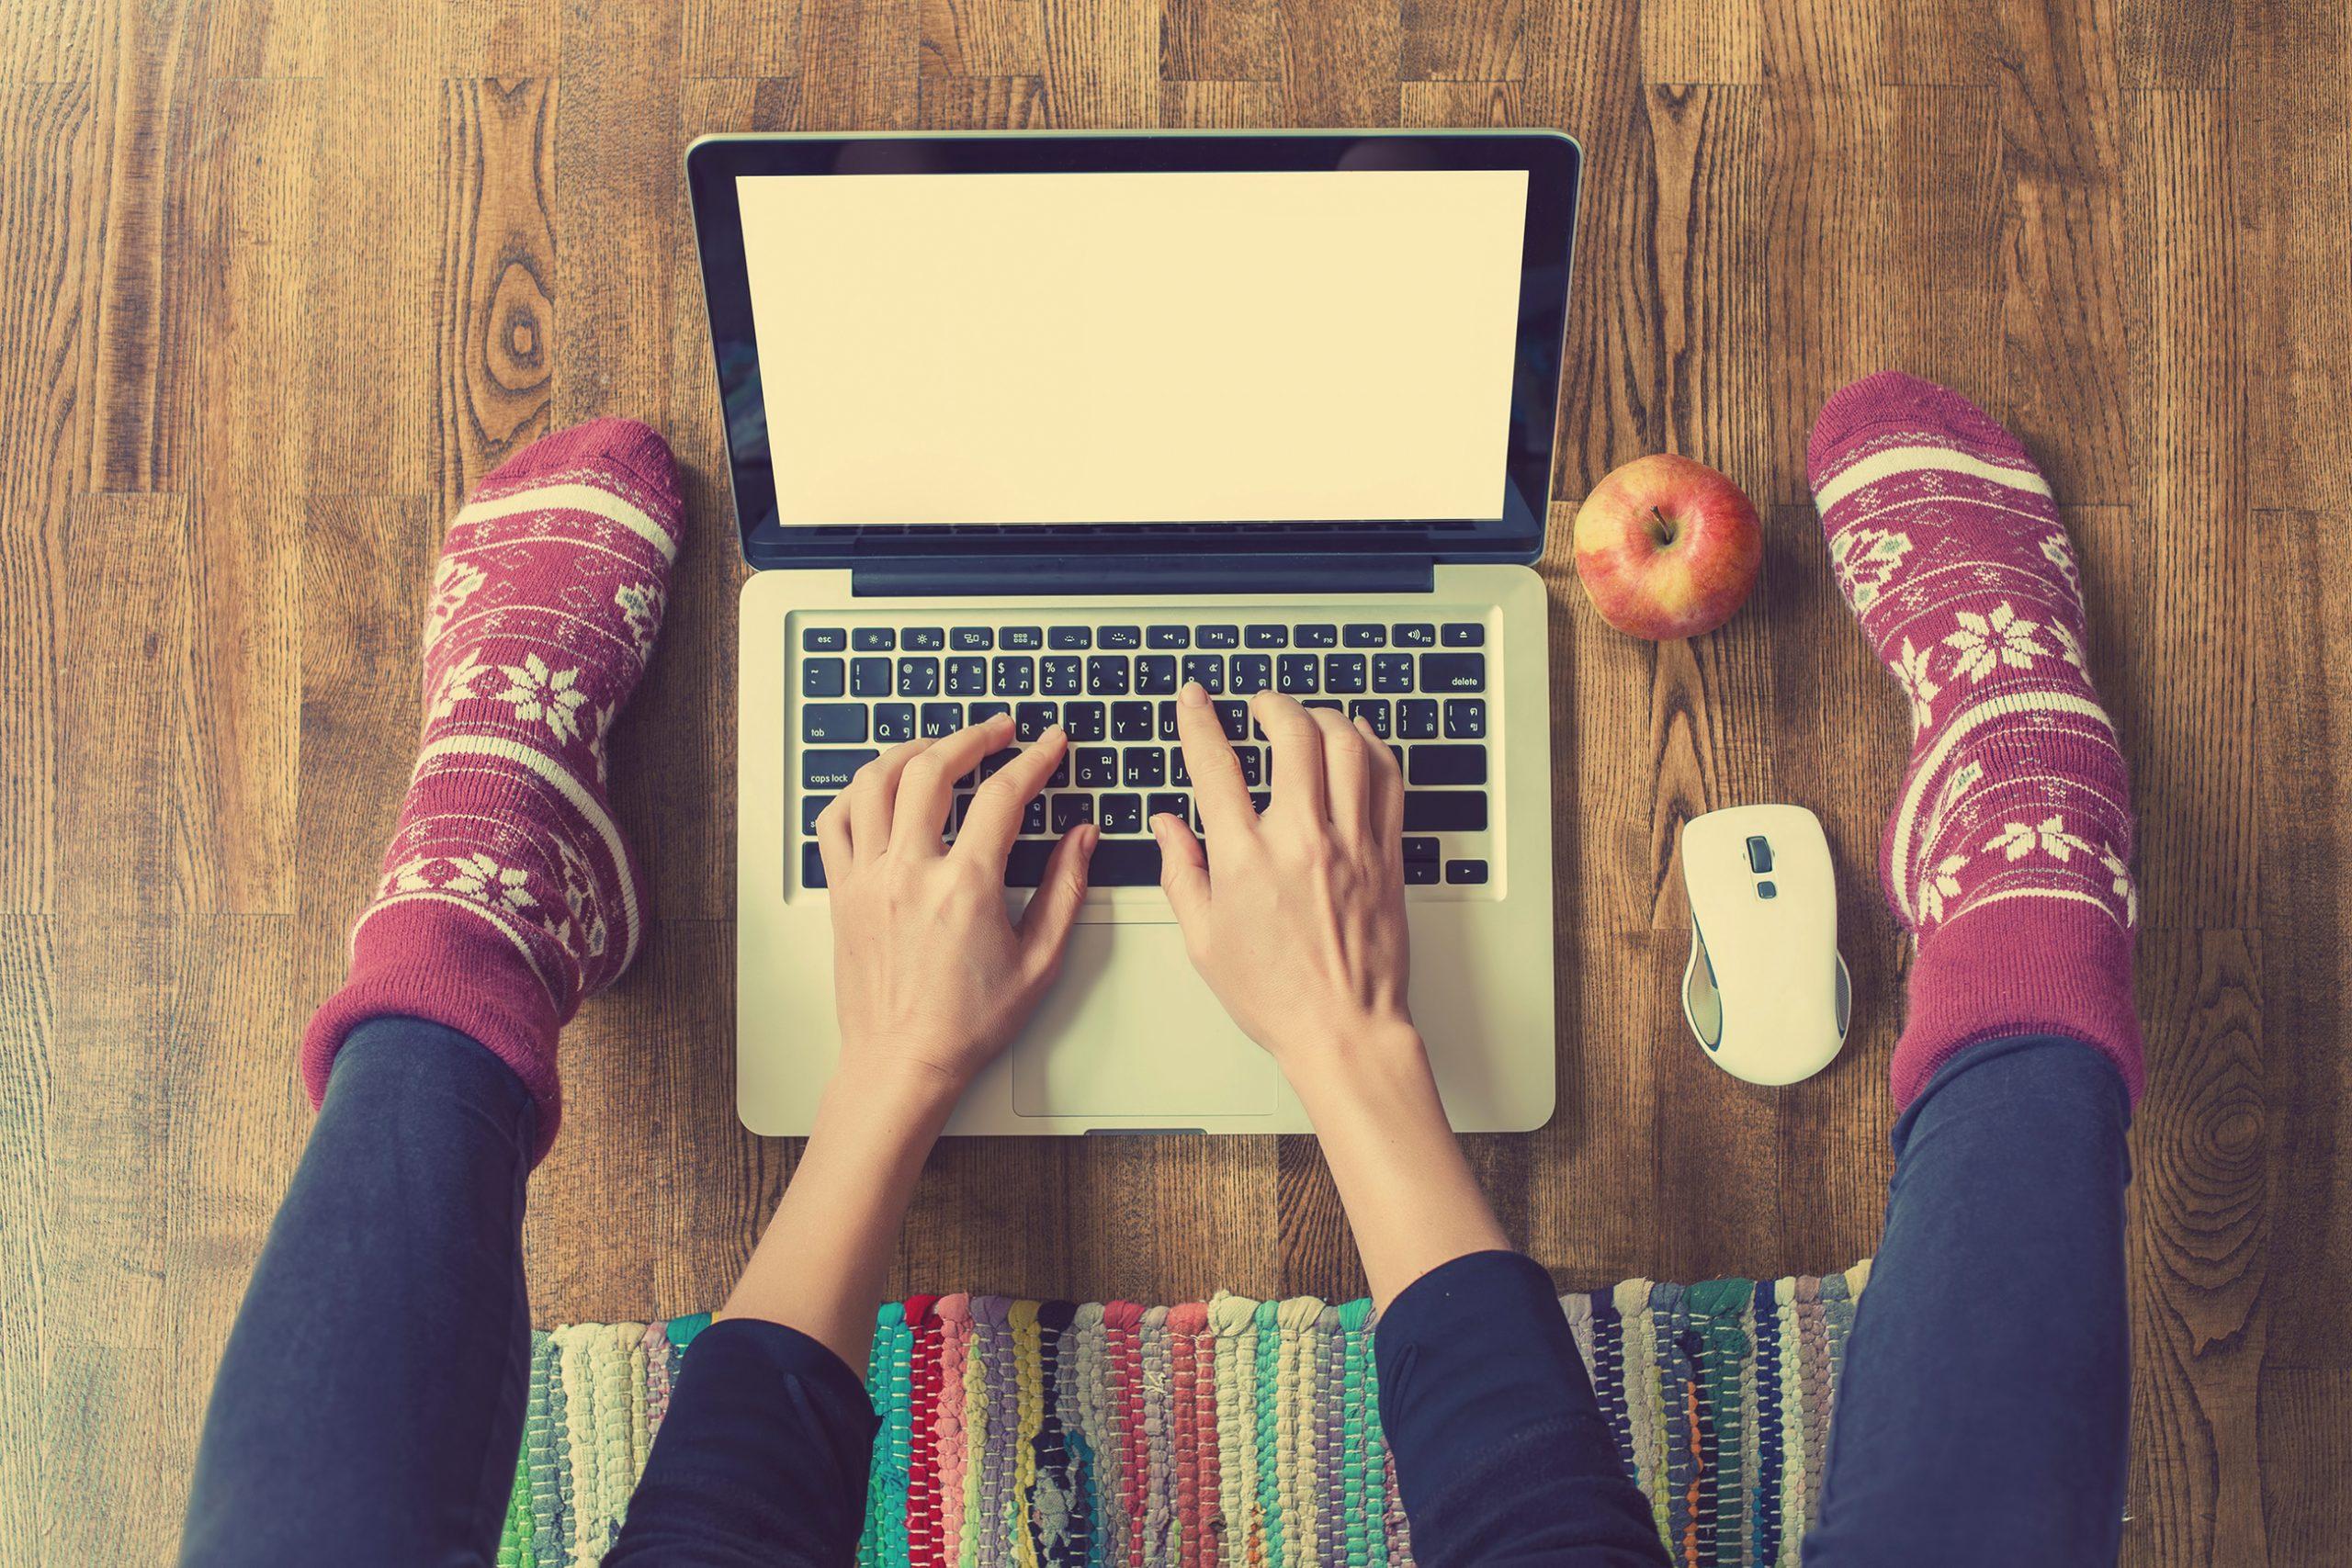 Curso flexível possibilita 40% de aulas on-line para estudar em qualquer lugar